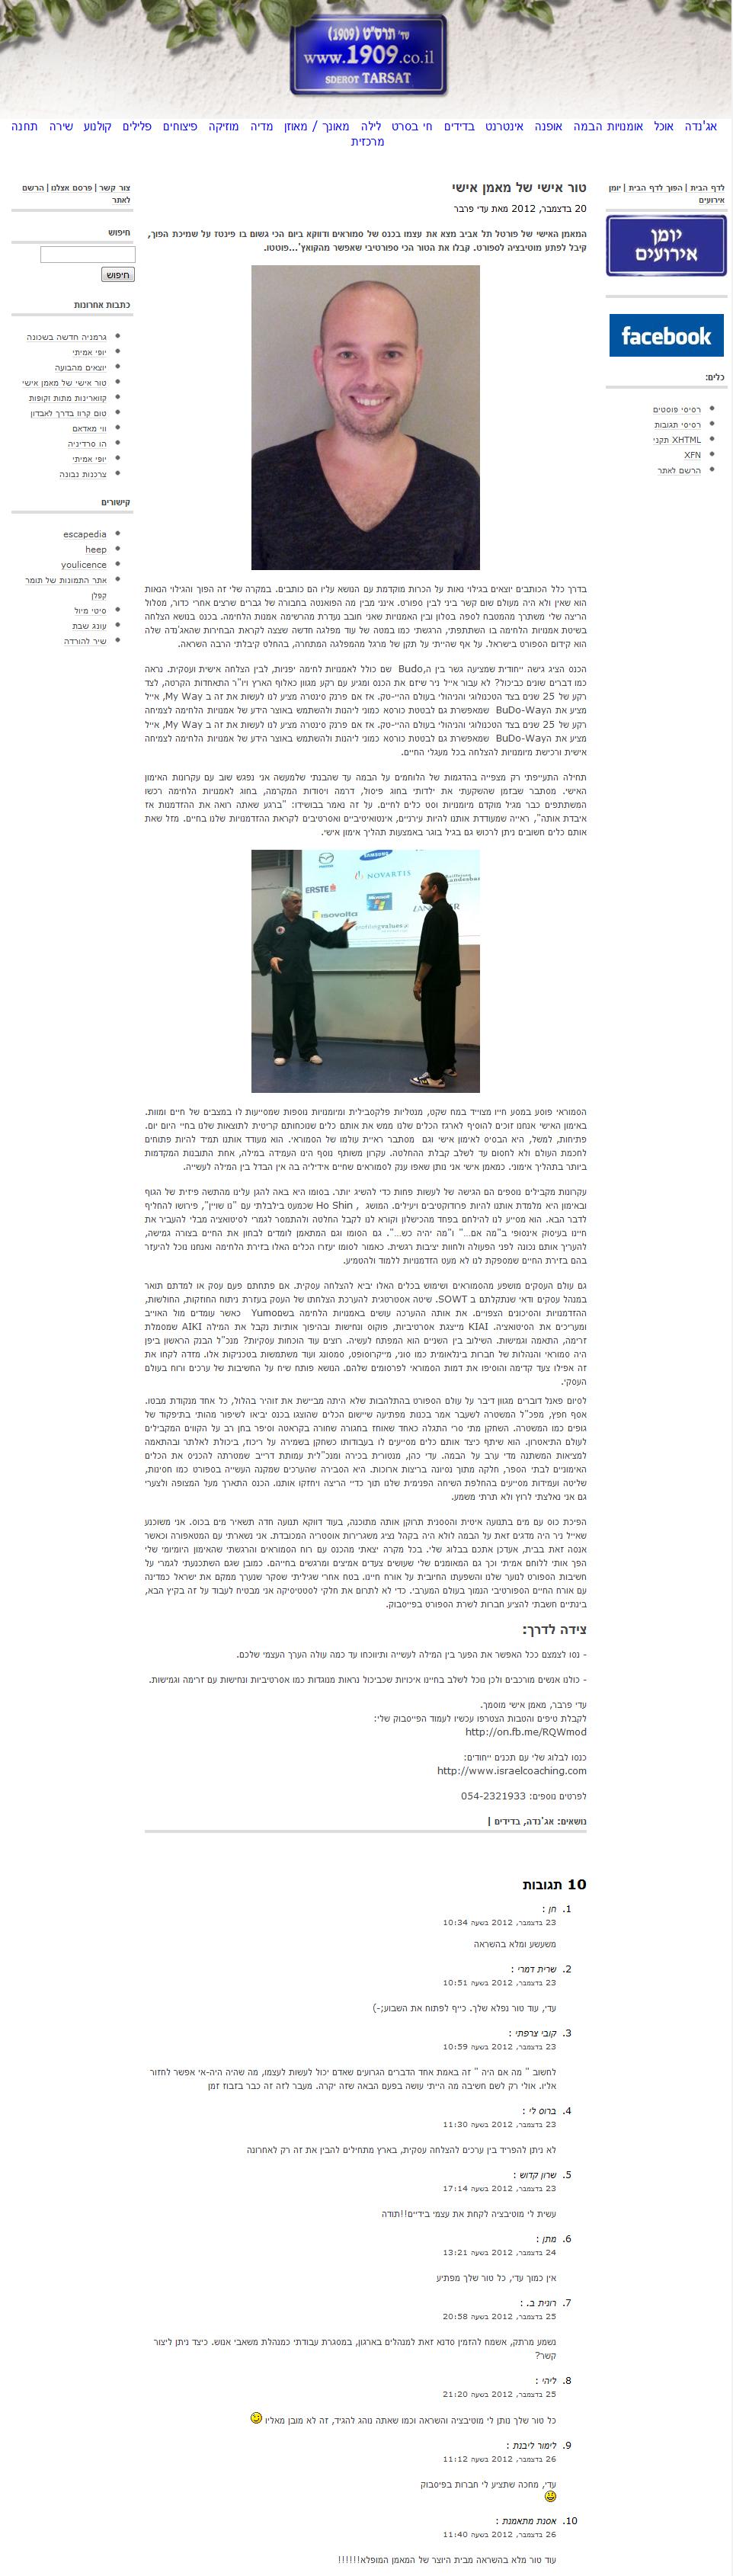 הקואצ'ר של תל אביב נפגש עם אסף חפץ, מתי סרי ועדי כהן-לוי (עמותת דרייב) בנושא חשיבות הספורט לאורח חיים בריא